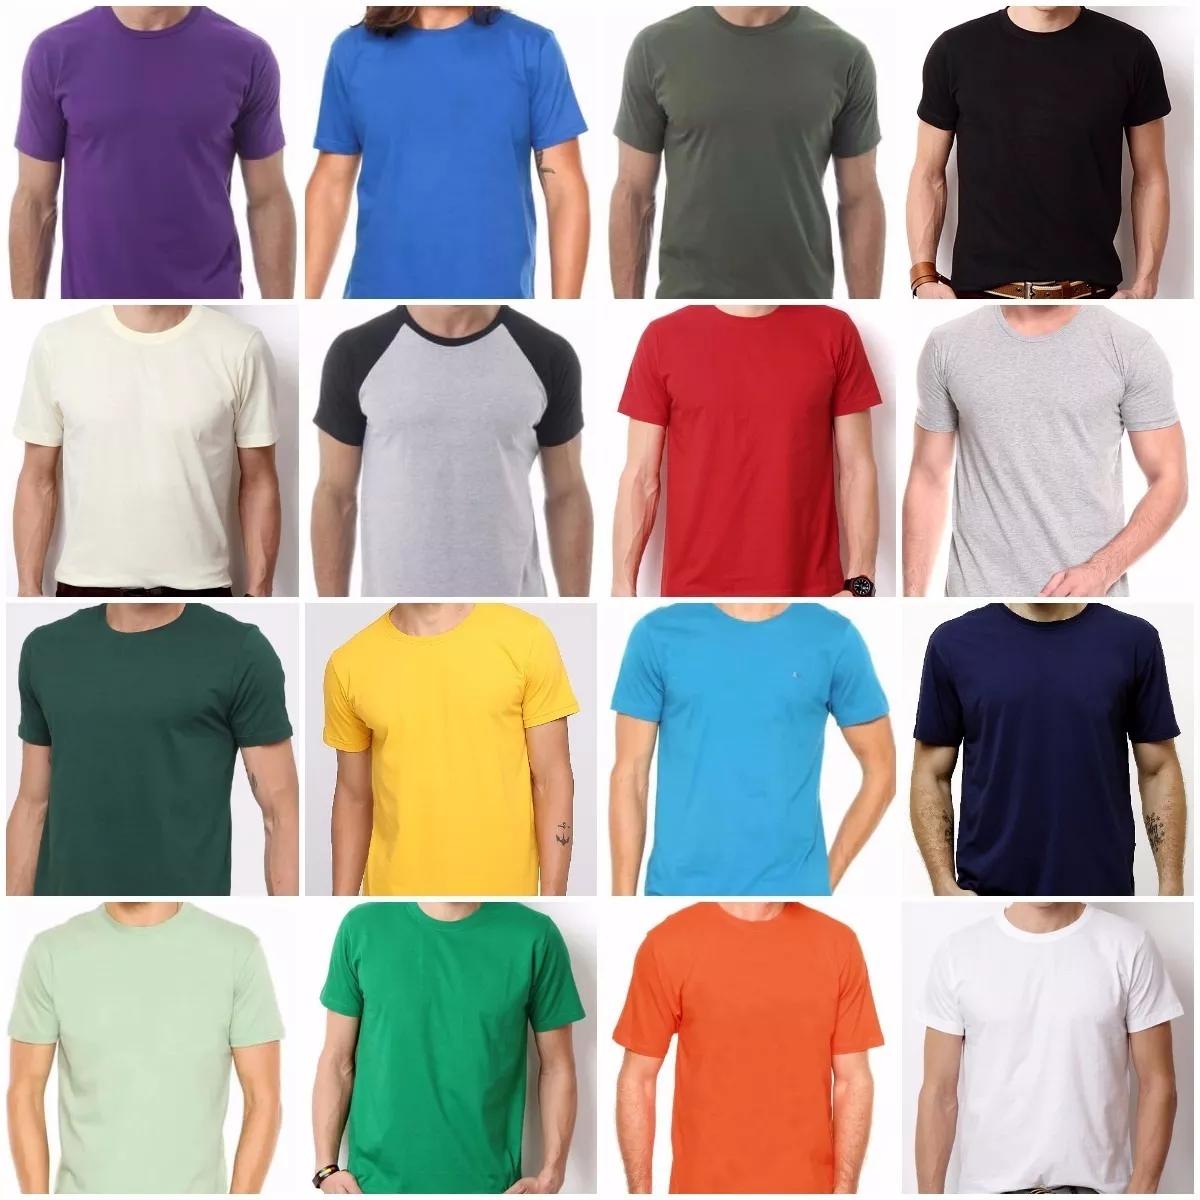 2fd82ef966 Kit 10 Camisetas 100% Algodão Sem Estampa Fio 30.1 Atacado no Elo7 ...